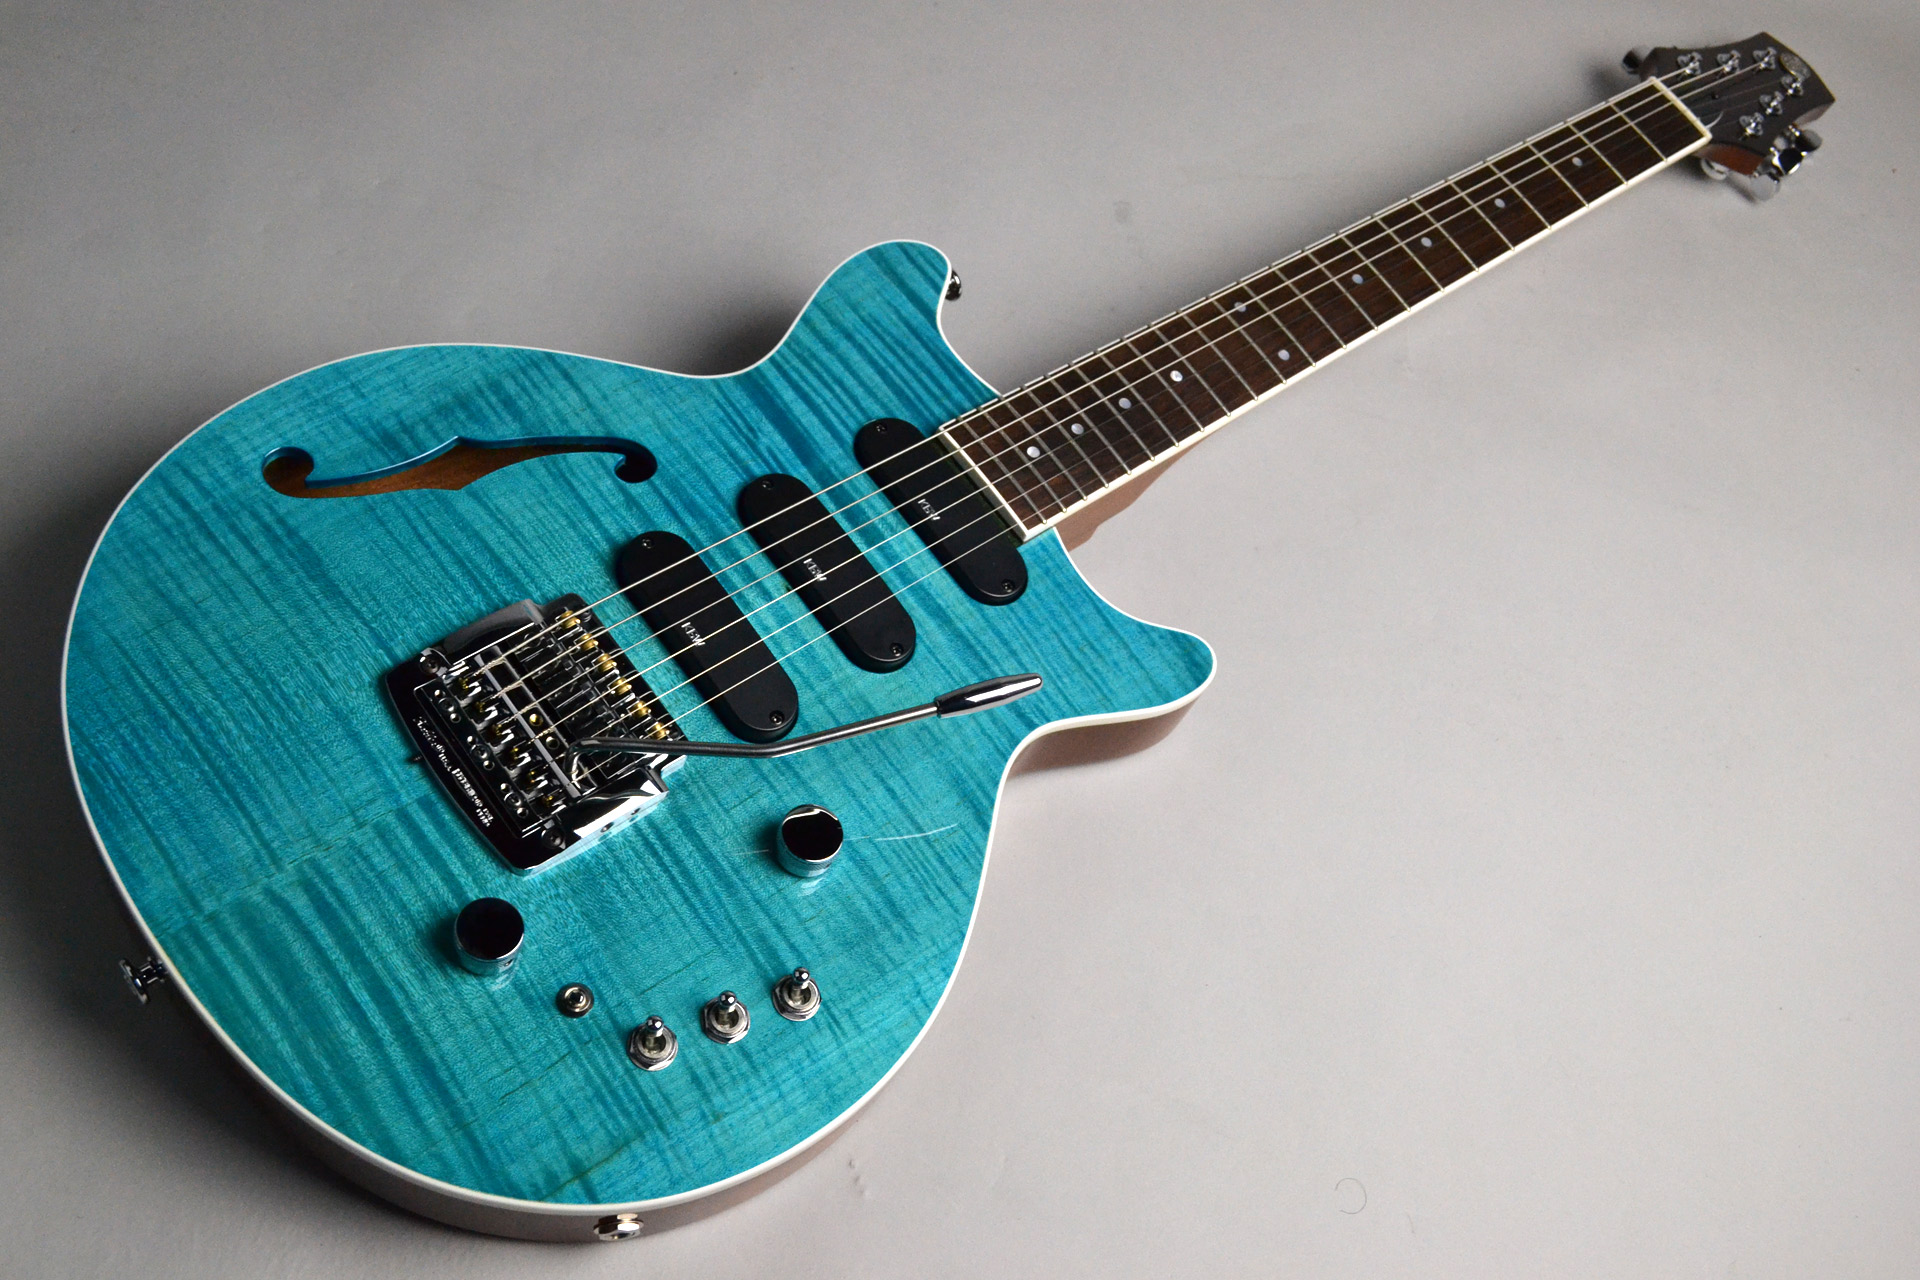 Kz Guitar Works Kz One Semi-Hollow 3S23 Kahler ... 写真画像